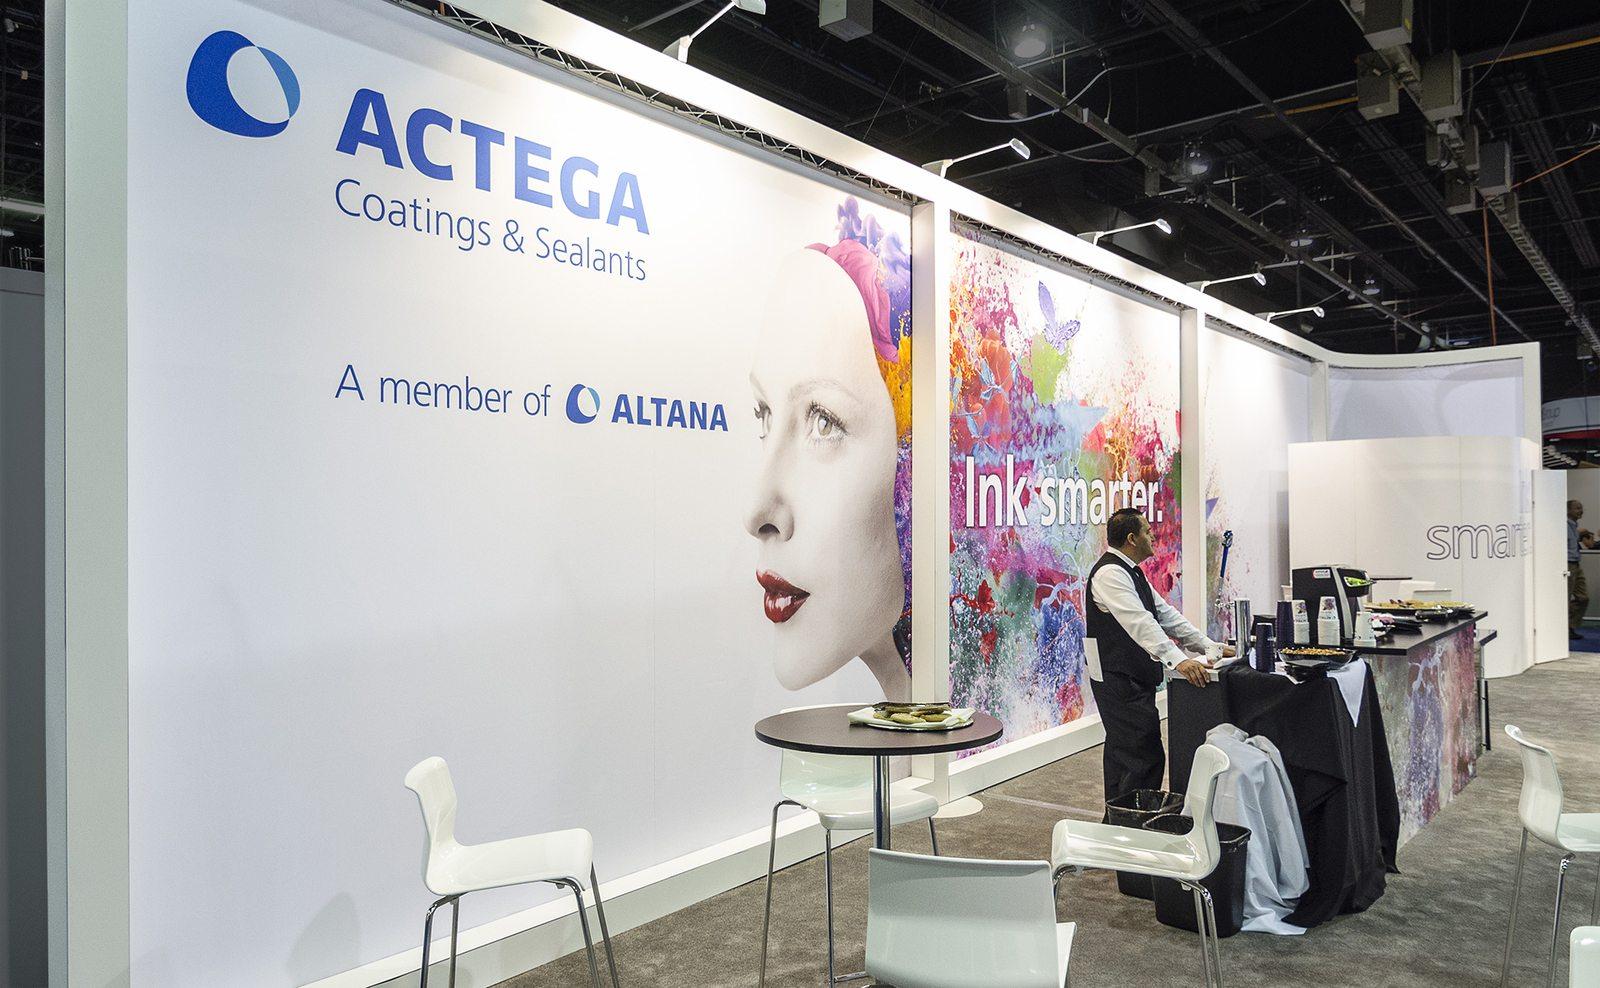 Actega_exhibit